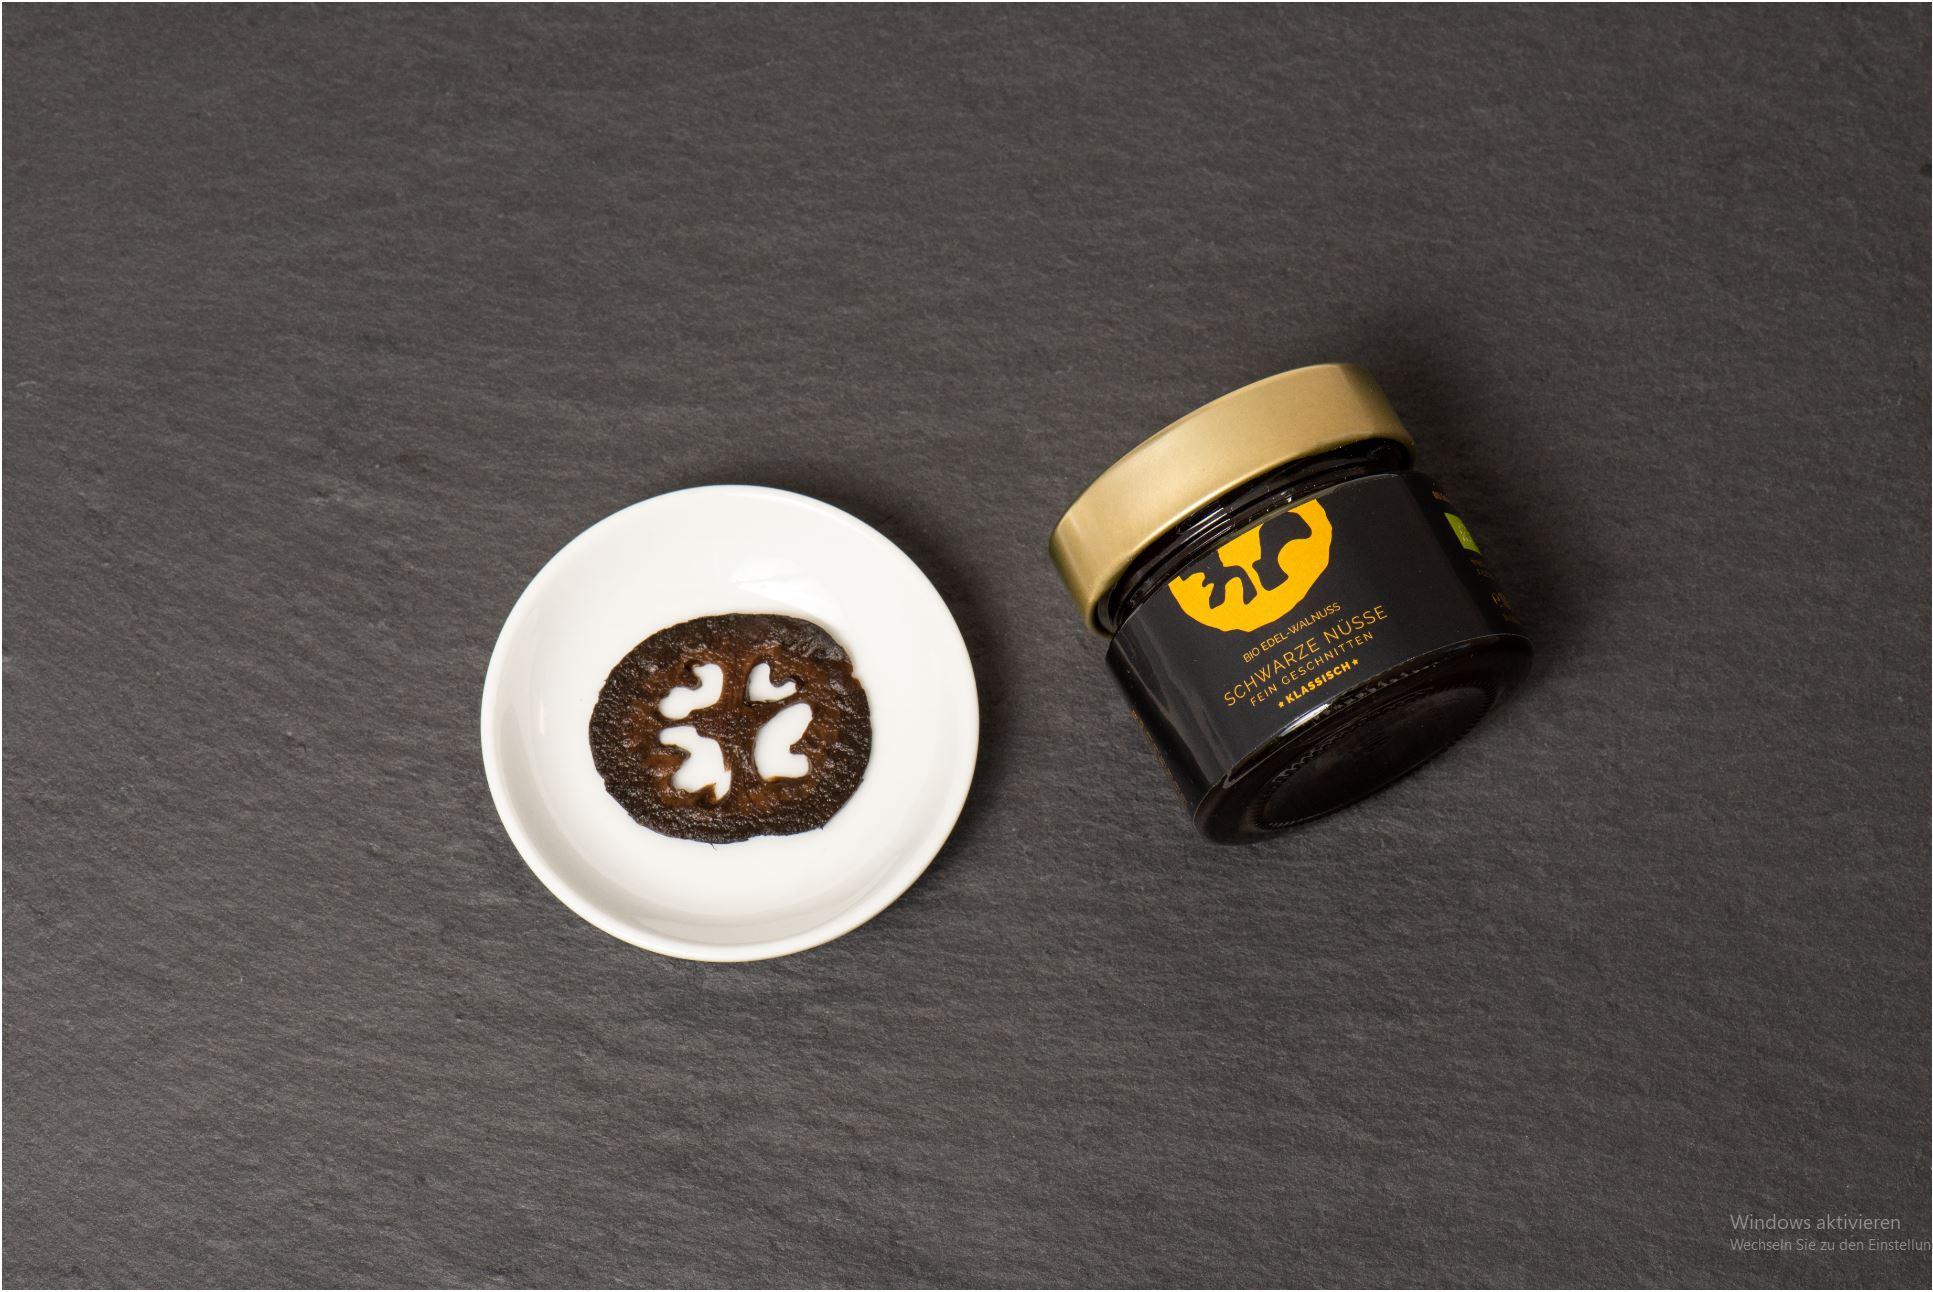 BIO Schwarze Nuss - fein geschnitten, klassisch, mind. 12 Monate gereift